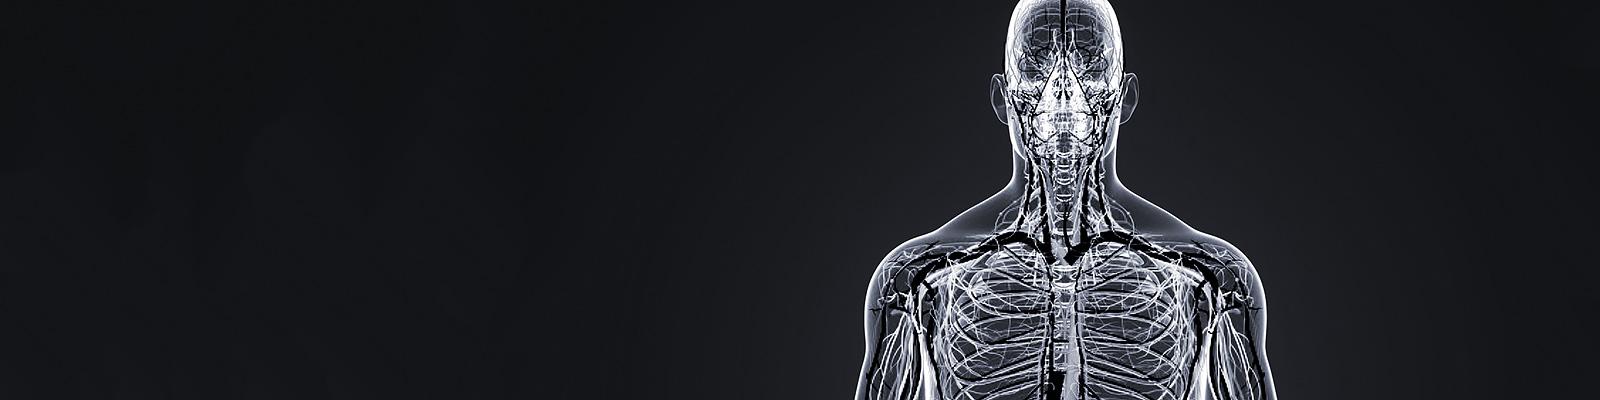 人体 体内 組織 イメージ